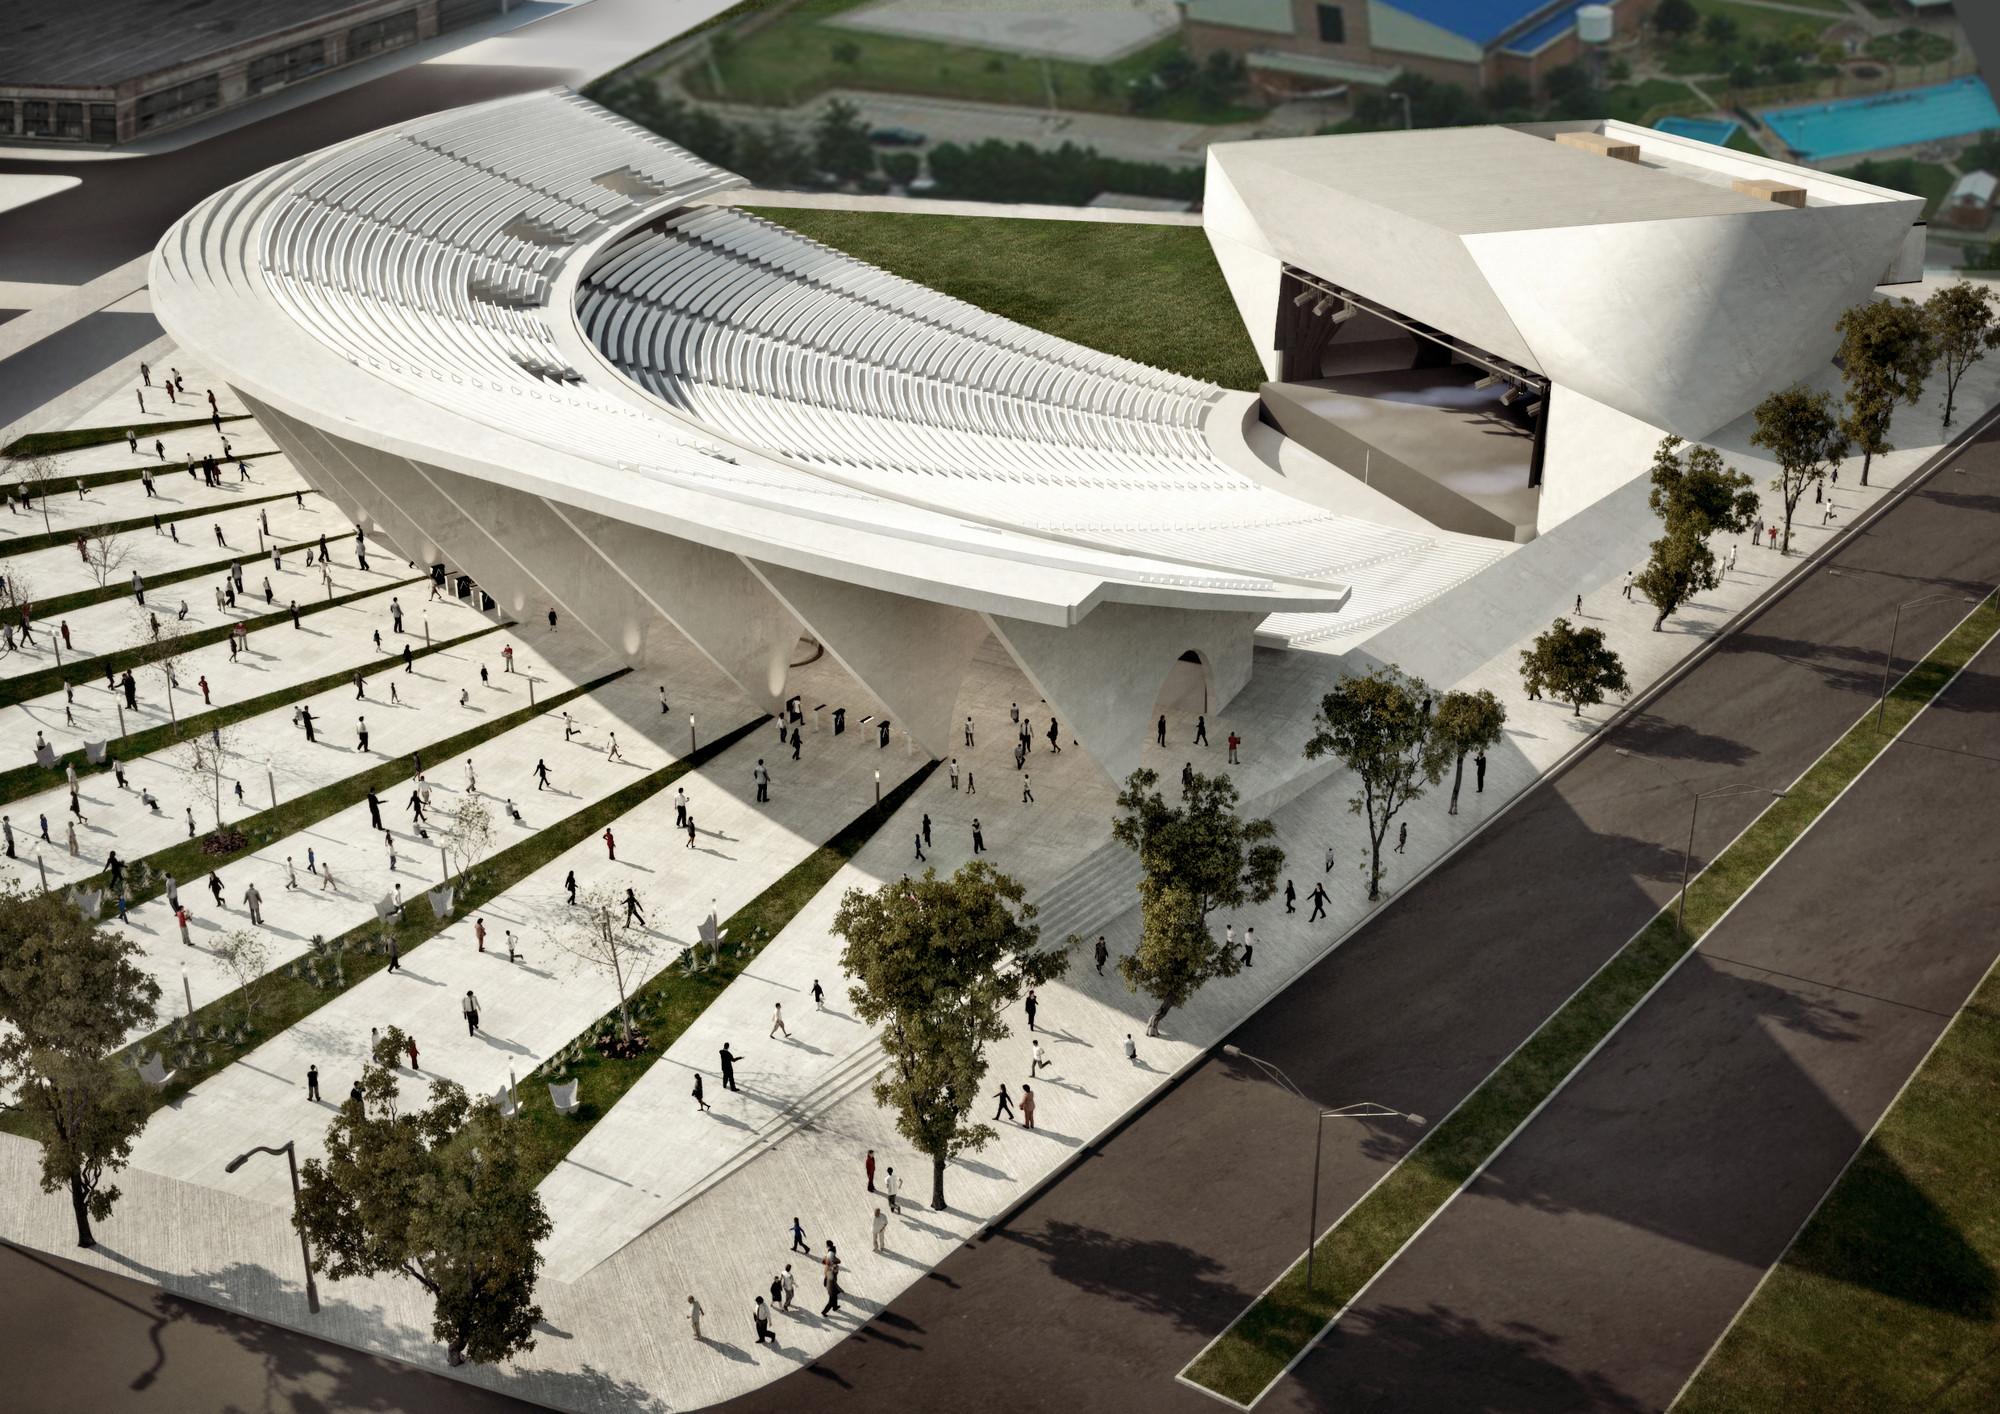 Tercer lugar concurso ampliaci n anfiteatro cocomarola for Arquitectura de proyectos